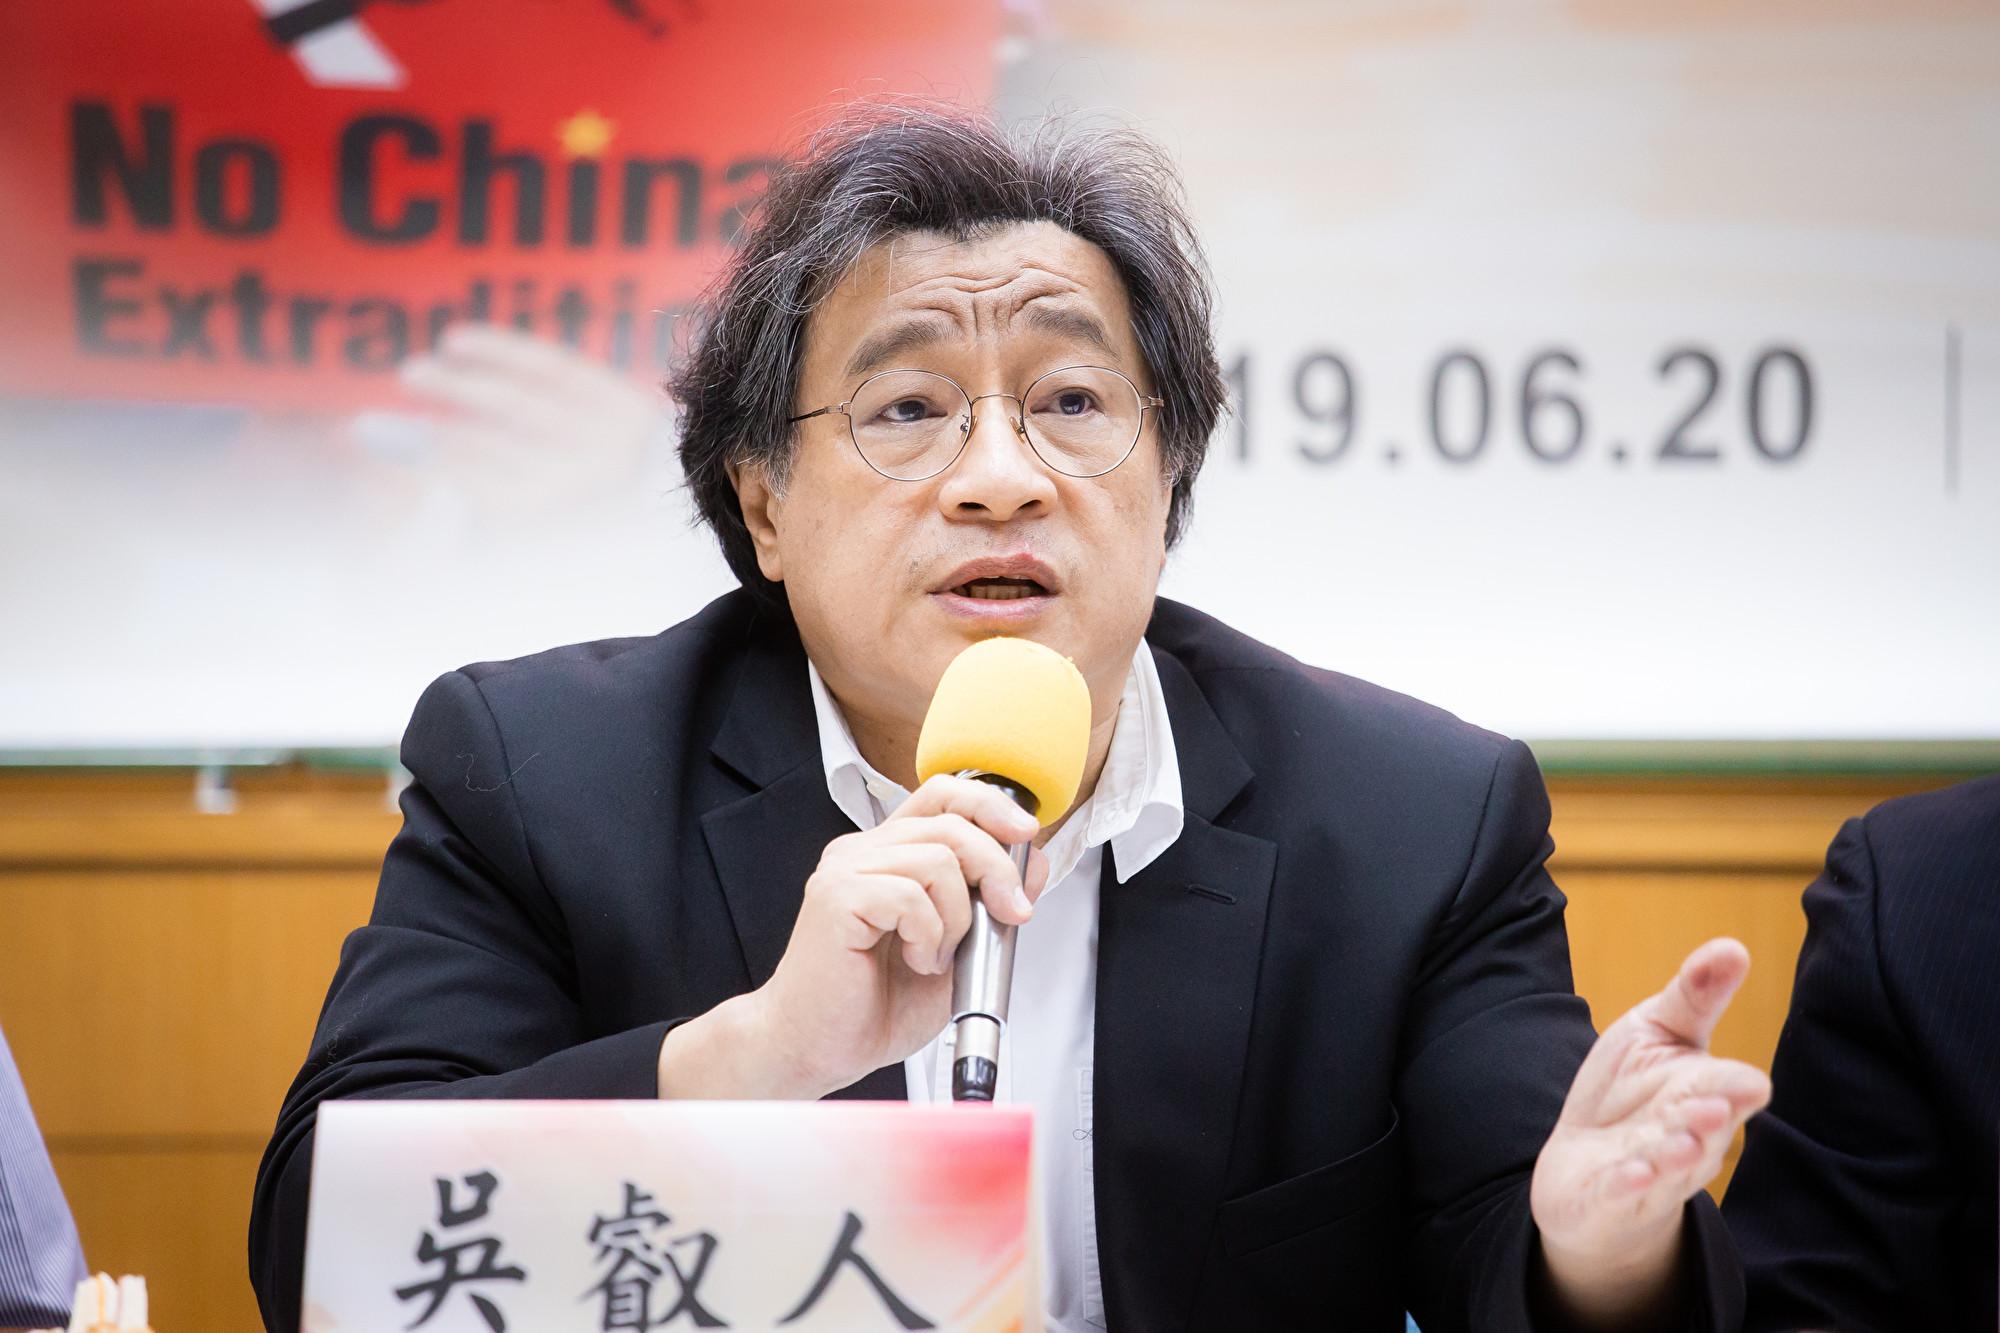 中研院台灣史研究所副研究員吳叡人6月20日表示,港台長期存在中國(共)對港、台的壓迫、兼併、融合等因素,社會早就有很多不滿。(陳柏州/大紀元)